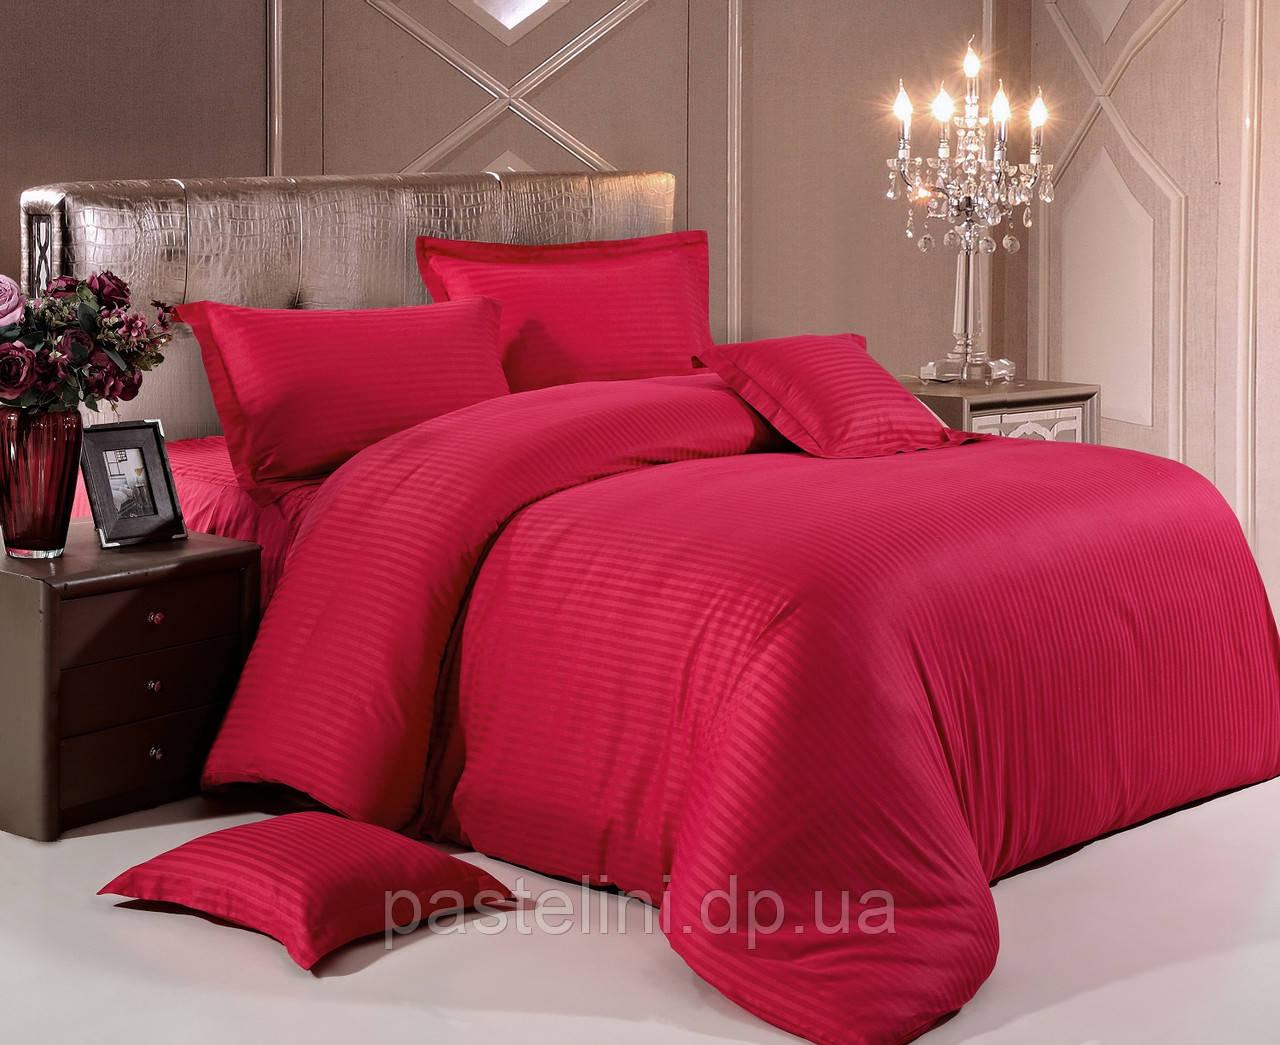 Love You  постельное бельё сатин-страйп полуторный Красный